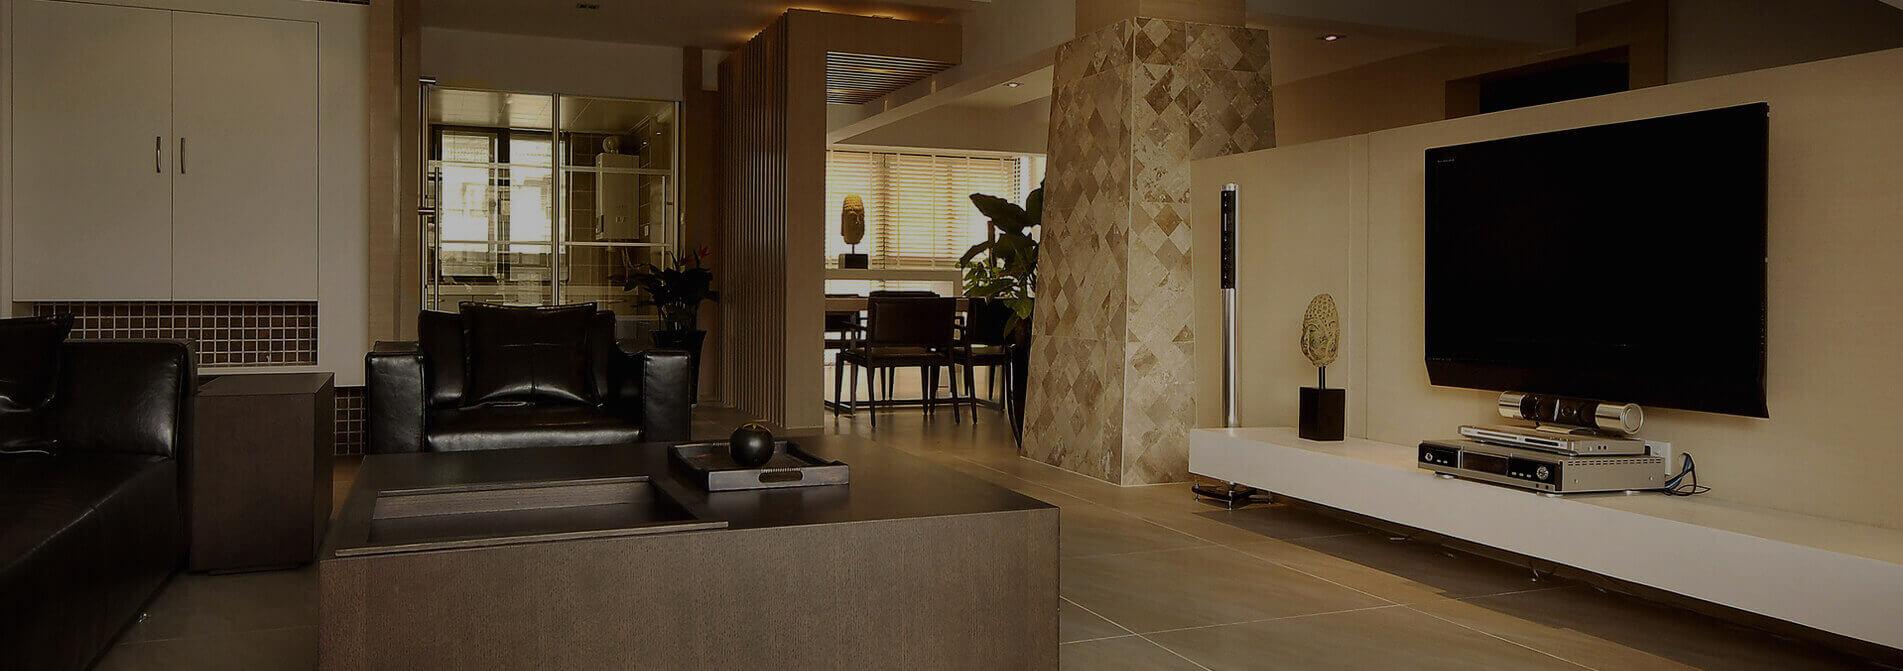 https://hotelista.net/wp-content/themes/Splendor/images/banner/main-banner-1.jpg